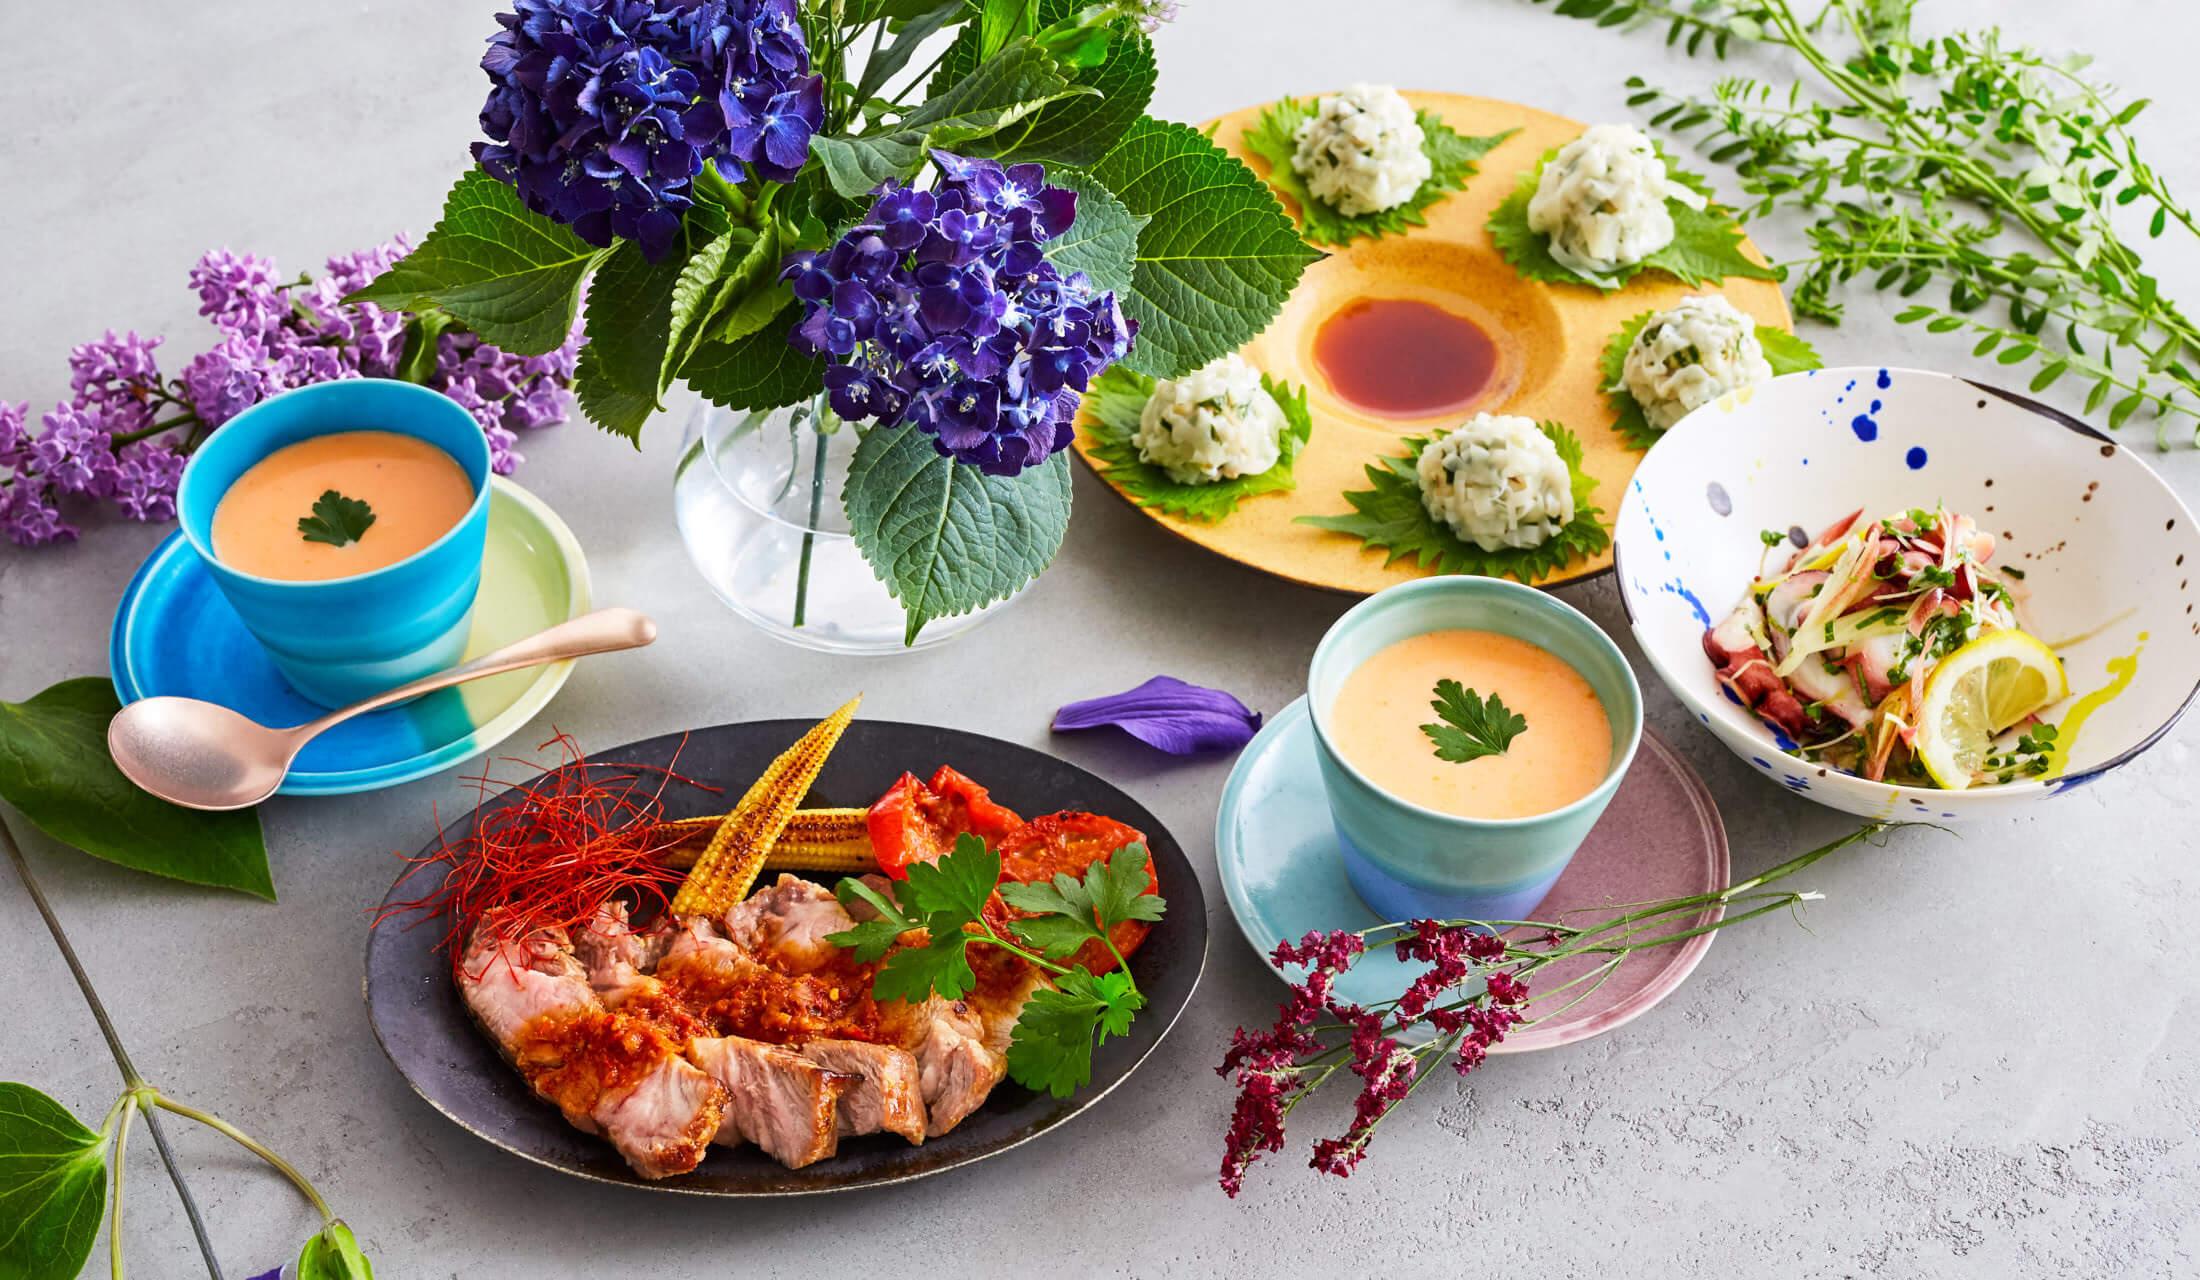 テーブルに並ぶ、寺井幸也さんの作った「パプリカとホワイトアスパラの冷製スープ」、「タコと薬味のサラダ」、「エスニック風味のシュウマイ」、塩麹でキレイになれる!「ゆで豚のピリ辛ジンジャーソースがけ」